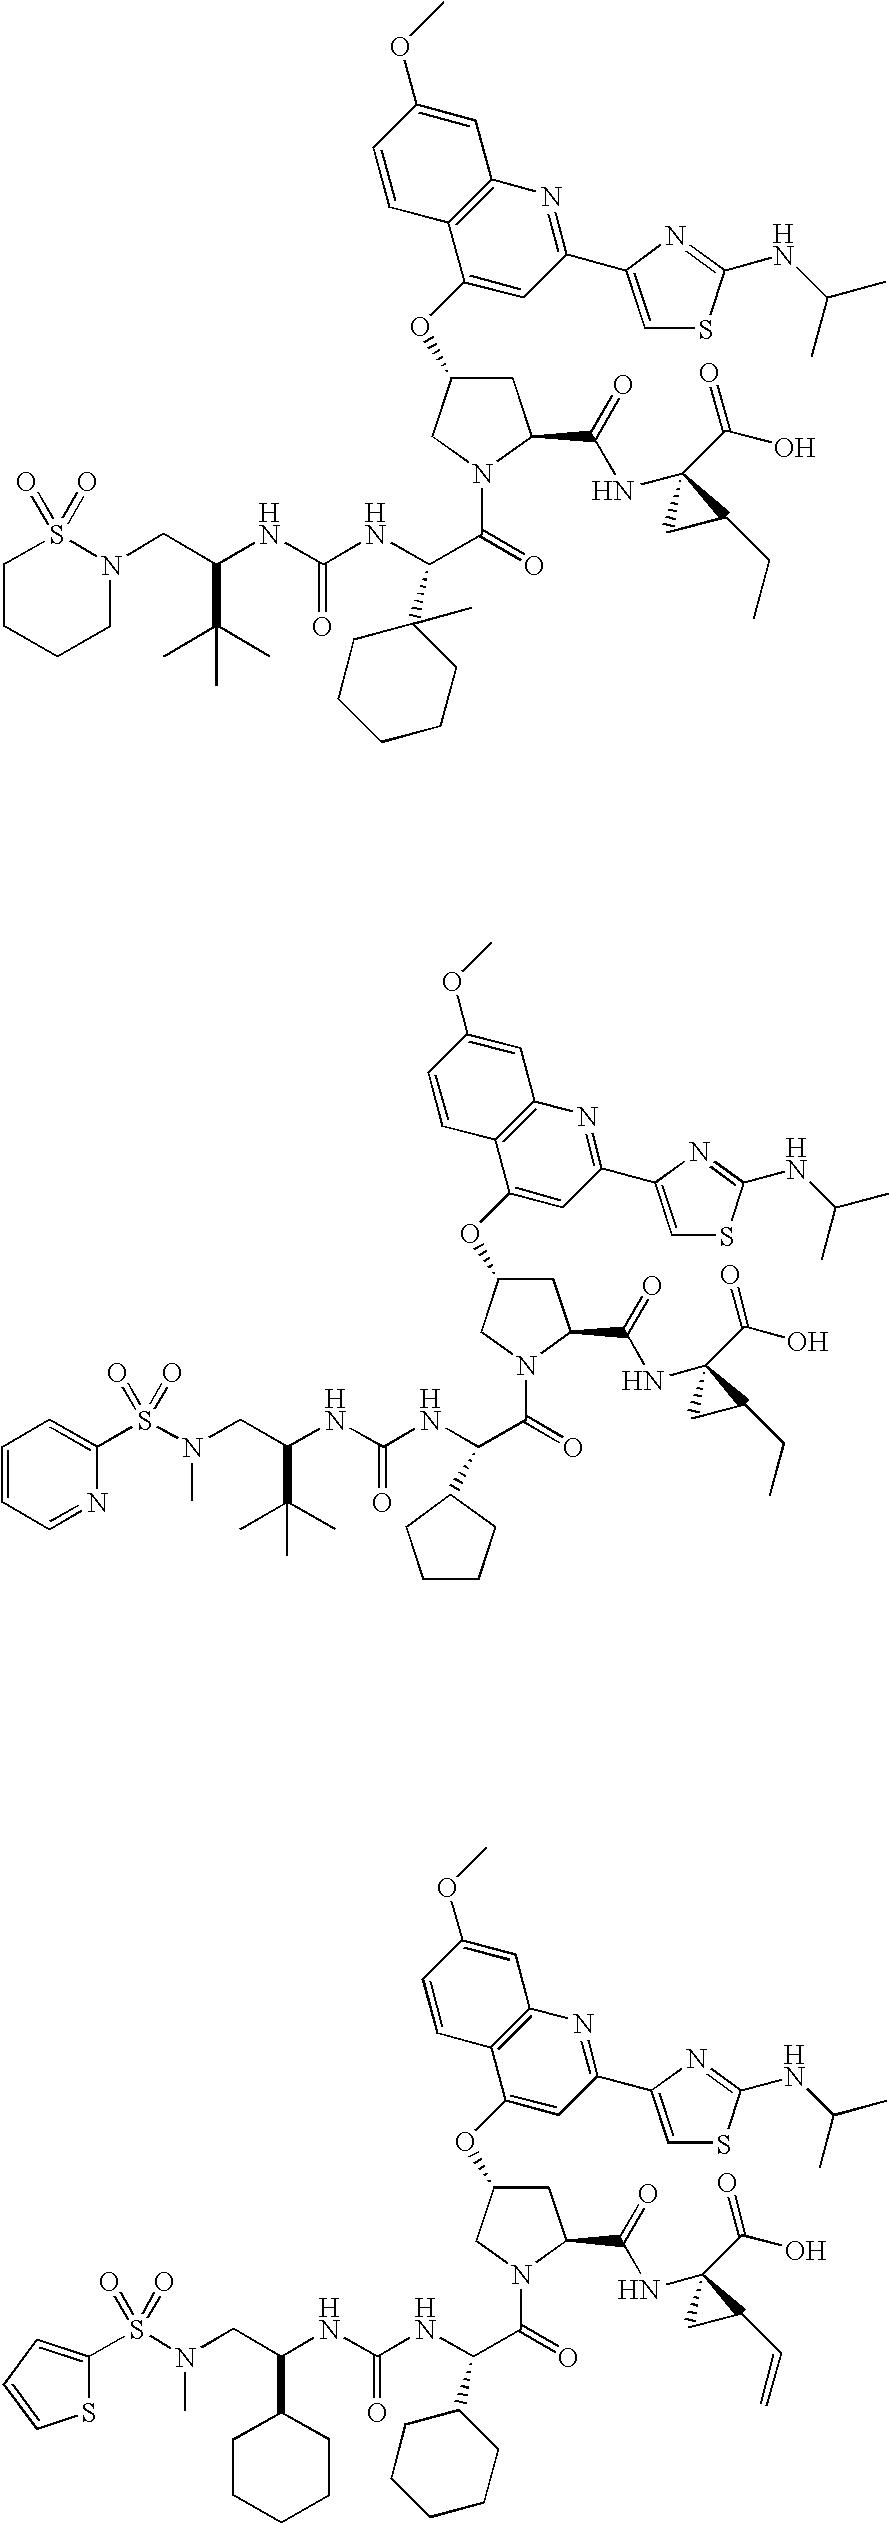 Figure US20060287248A1-20061221-C00188